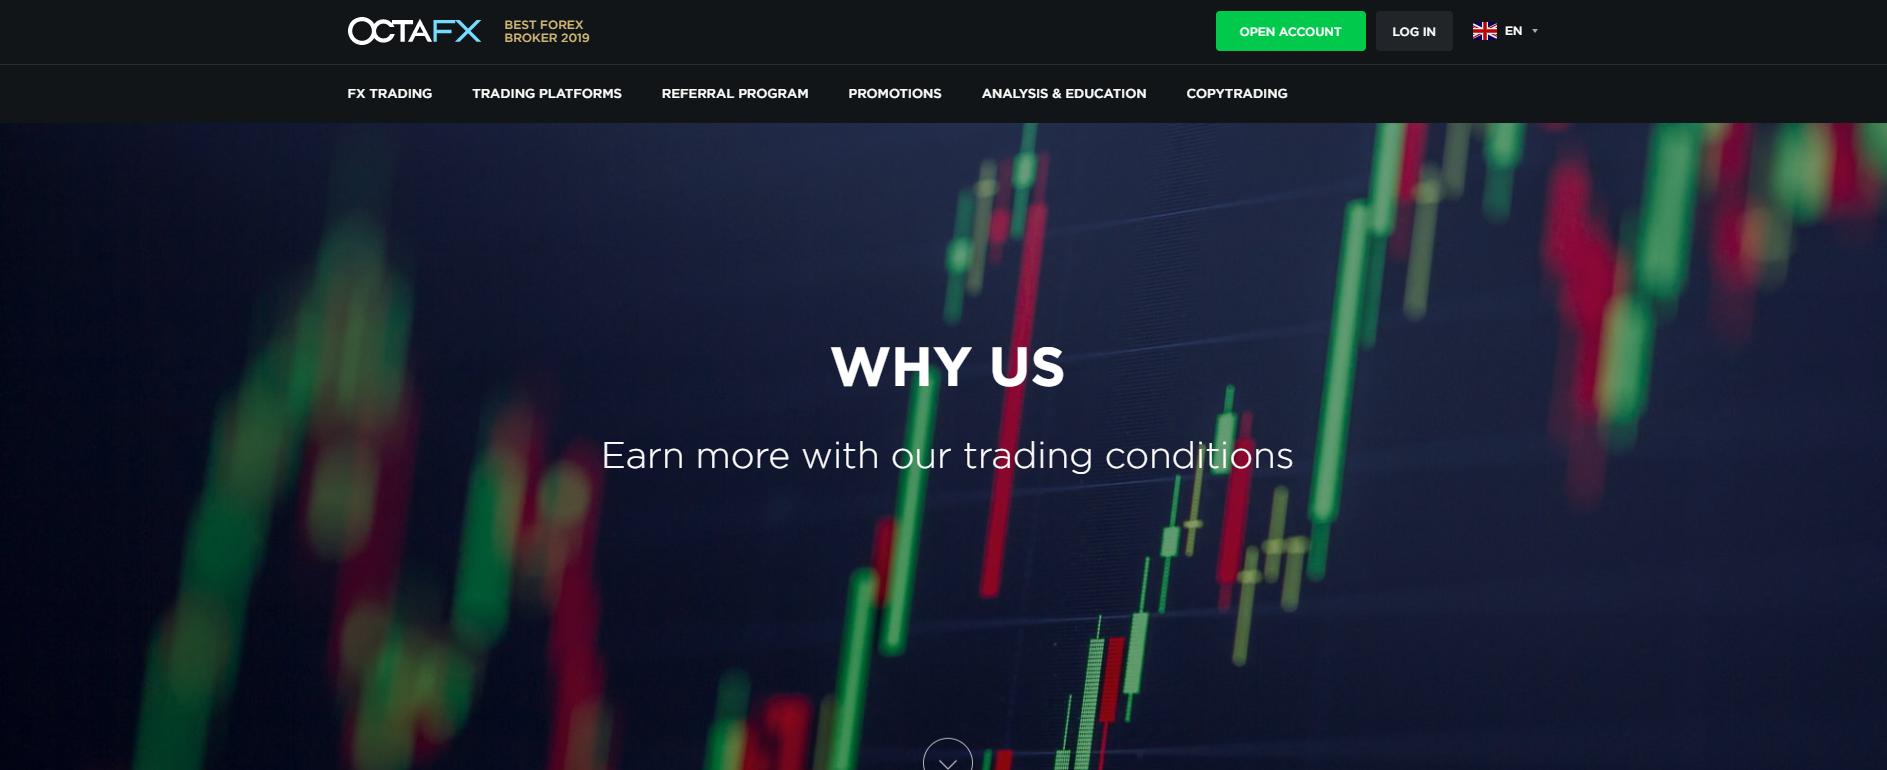 OctaFX web